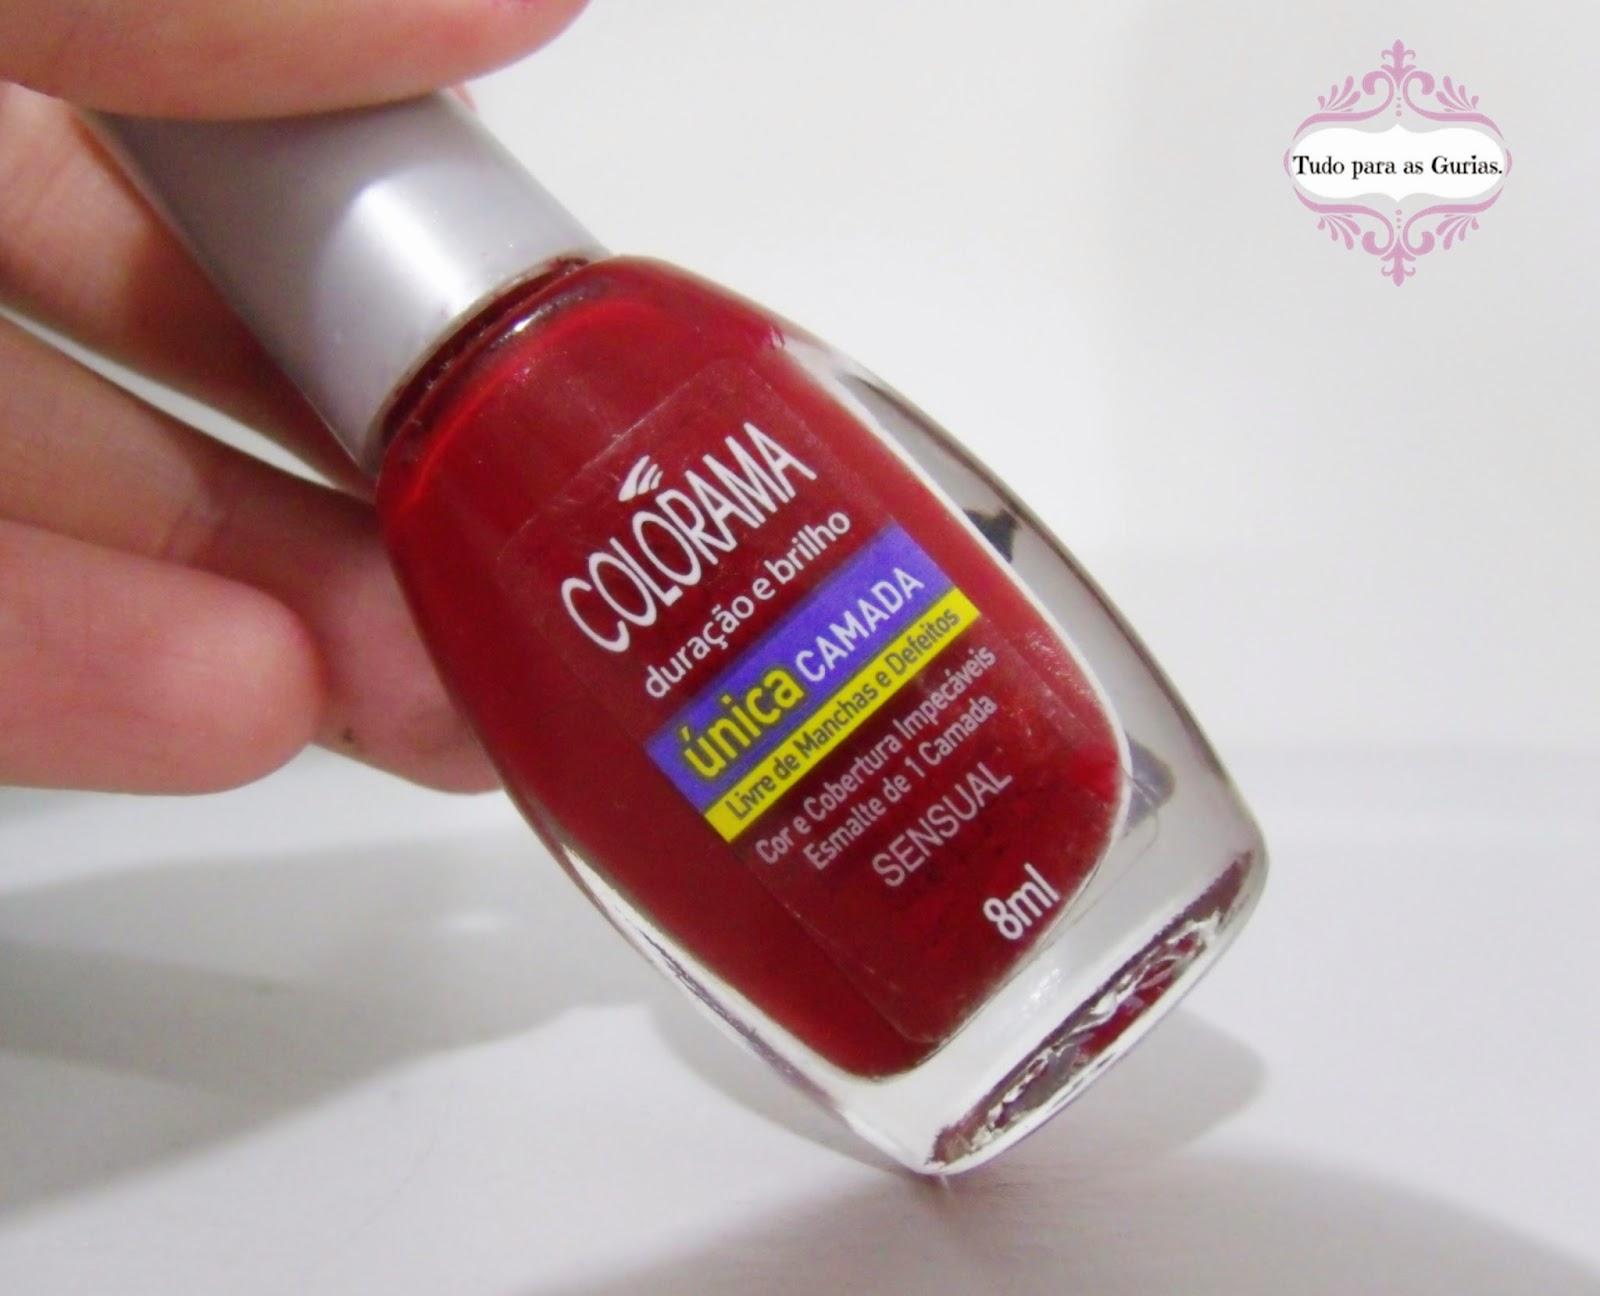 Esmalte da vez: Sensual da Colorama